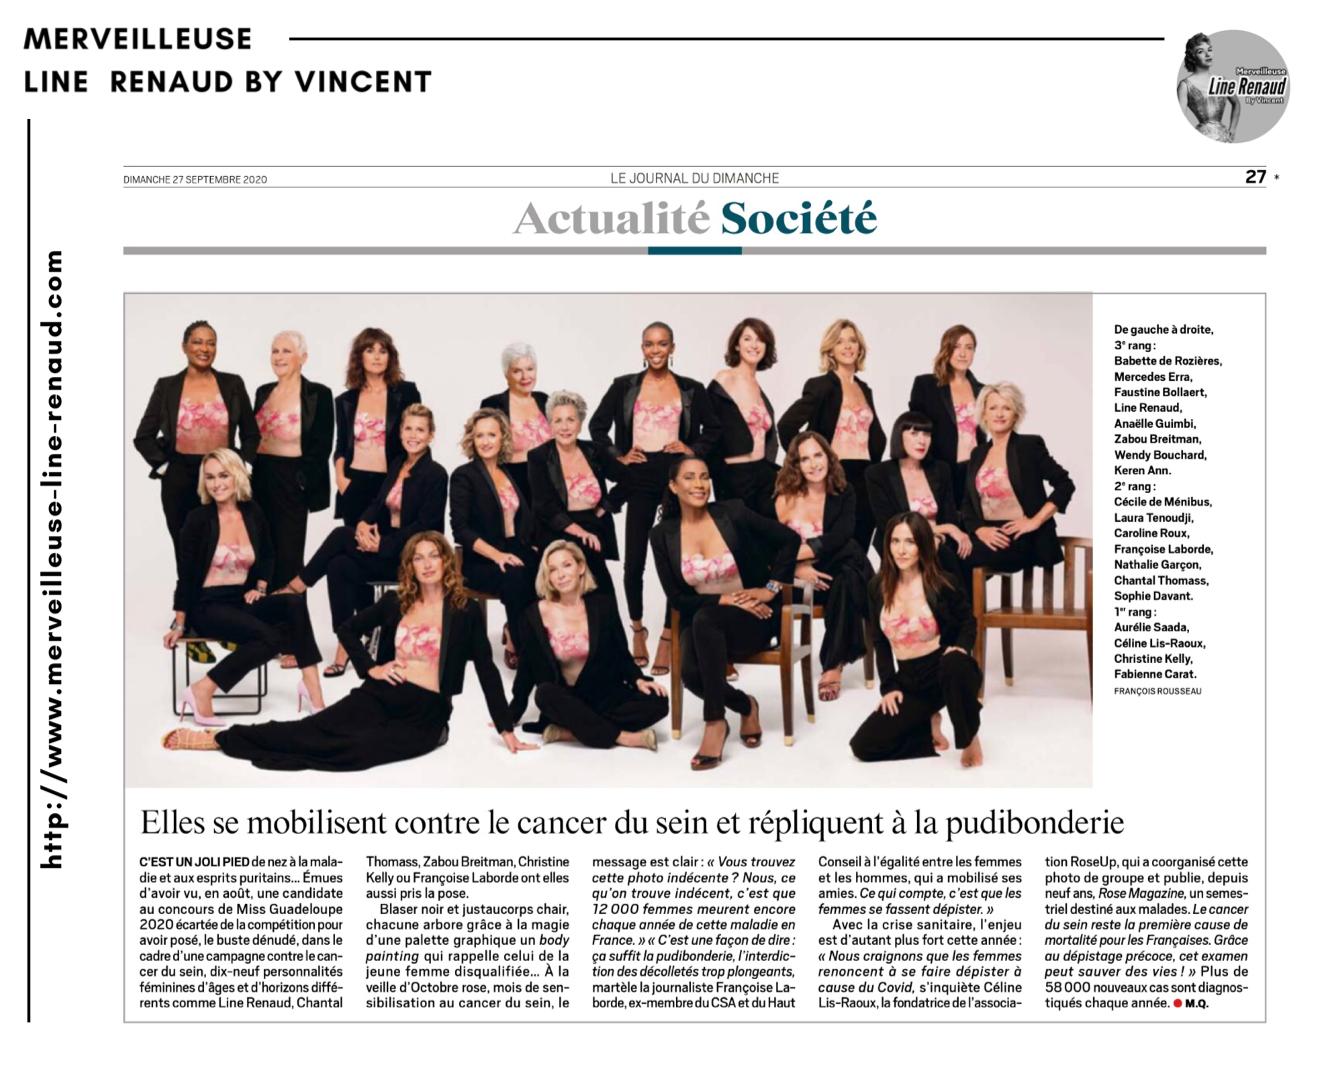 PRESSE: Le Journal du Dimanche - n°3846 - 27/09/2020